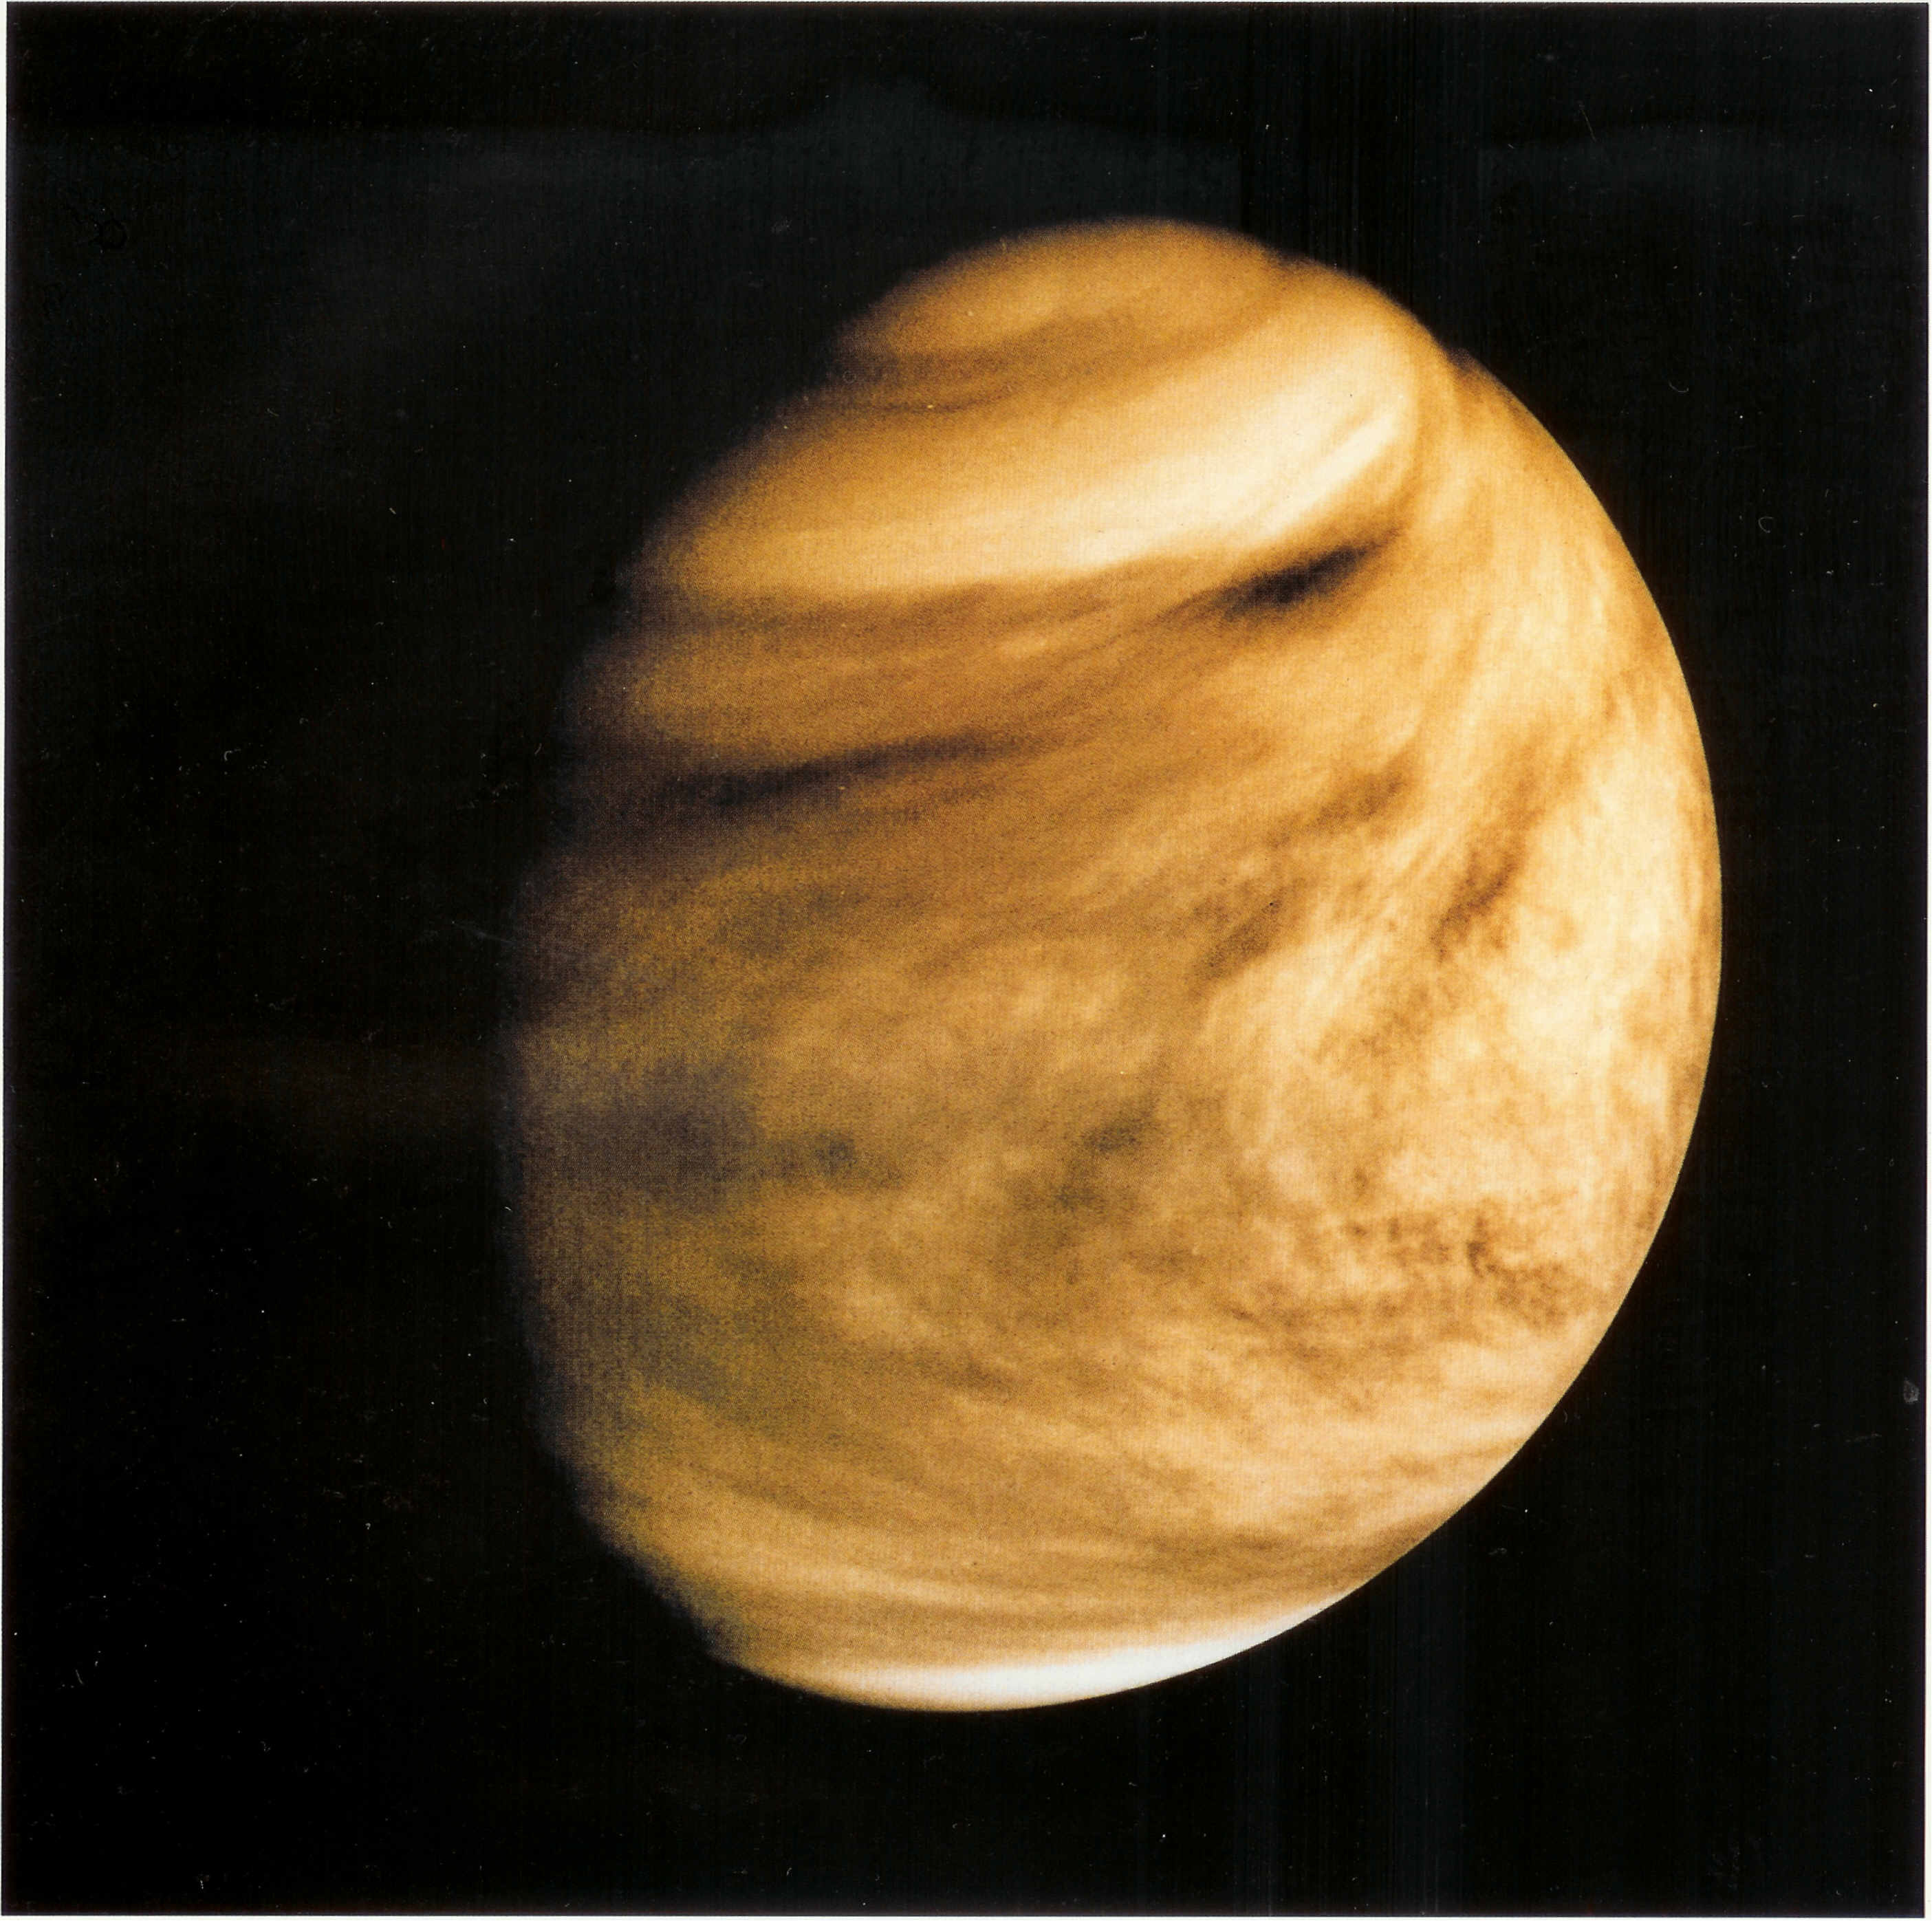 venus gas planet - photo #41